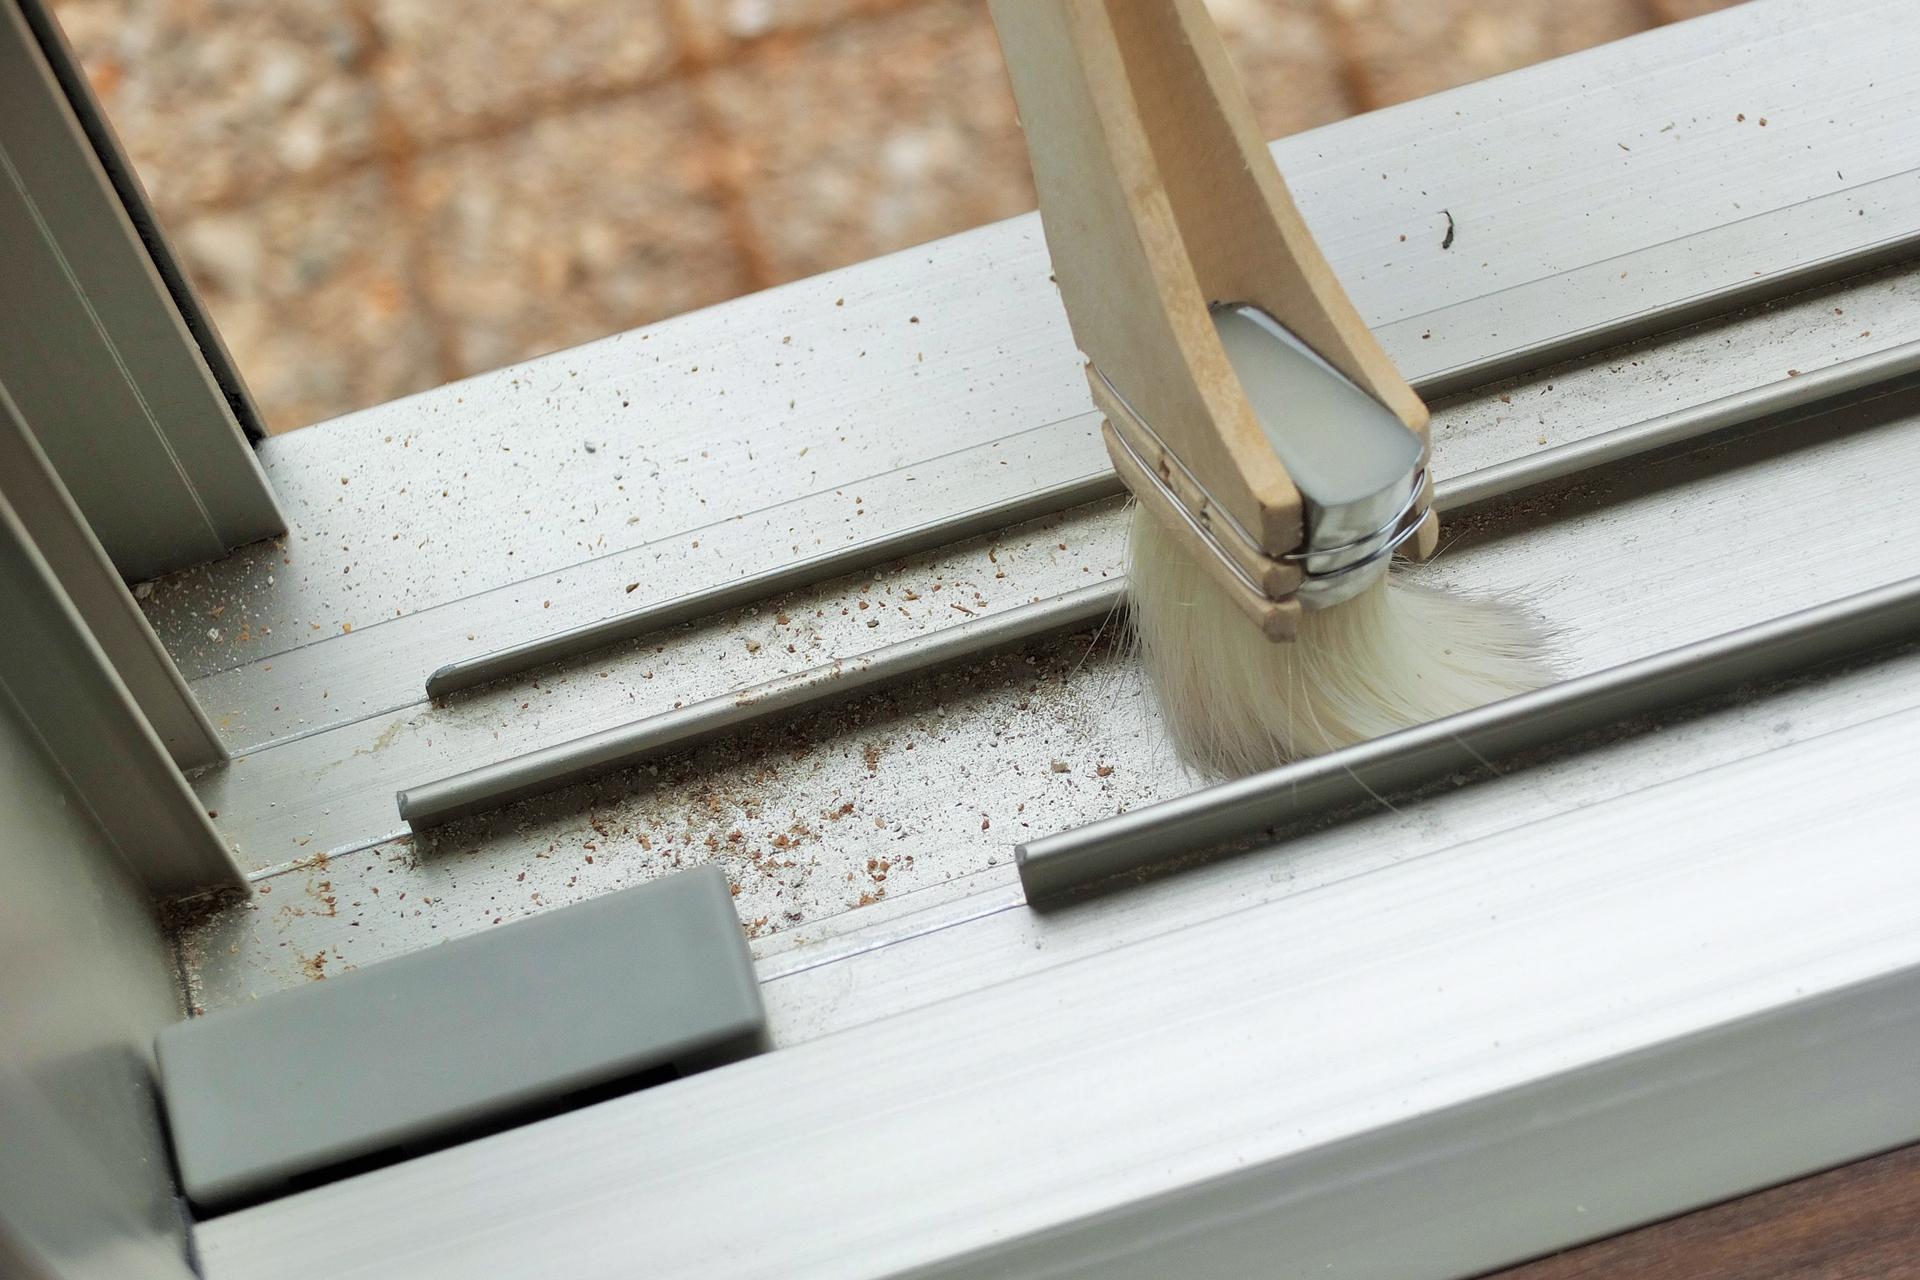 アルミサッシの腐食・キズを補修・修理する方法と事例